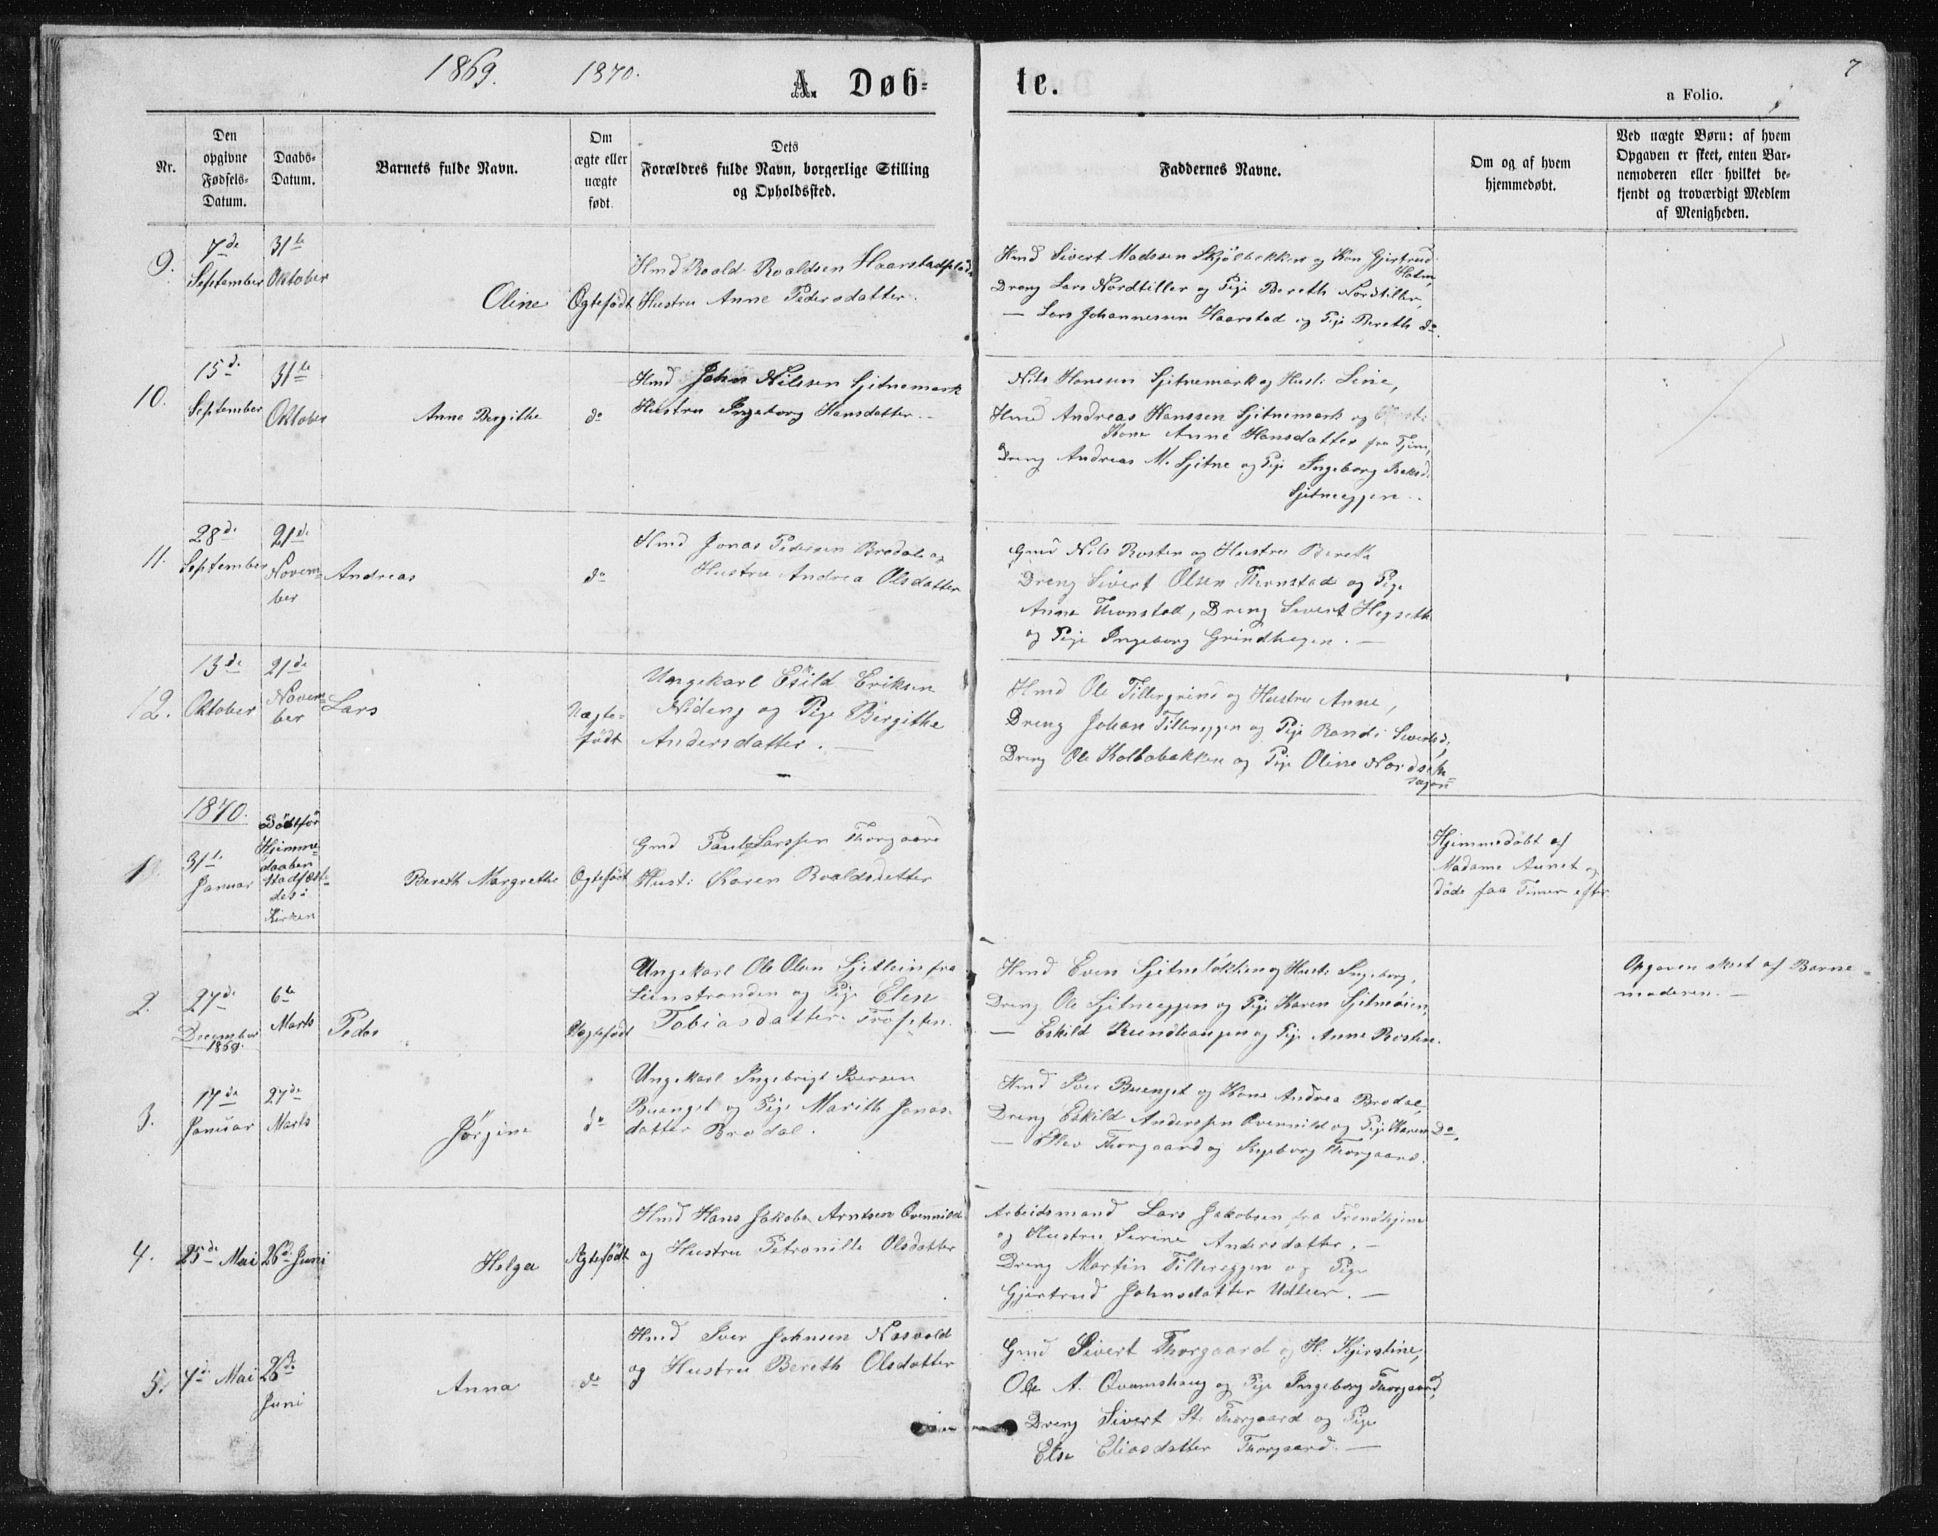 SAT, Ministerialprotokoller, klokkerbøker og fødselsregistre - Sør-Trøndelag, 621/L0459: Klokkerbok nr. 621C02, 1866-1895, s. 7